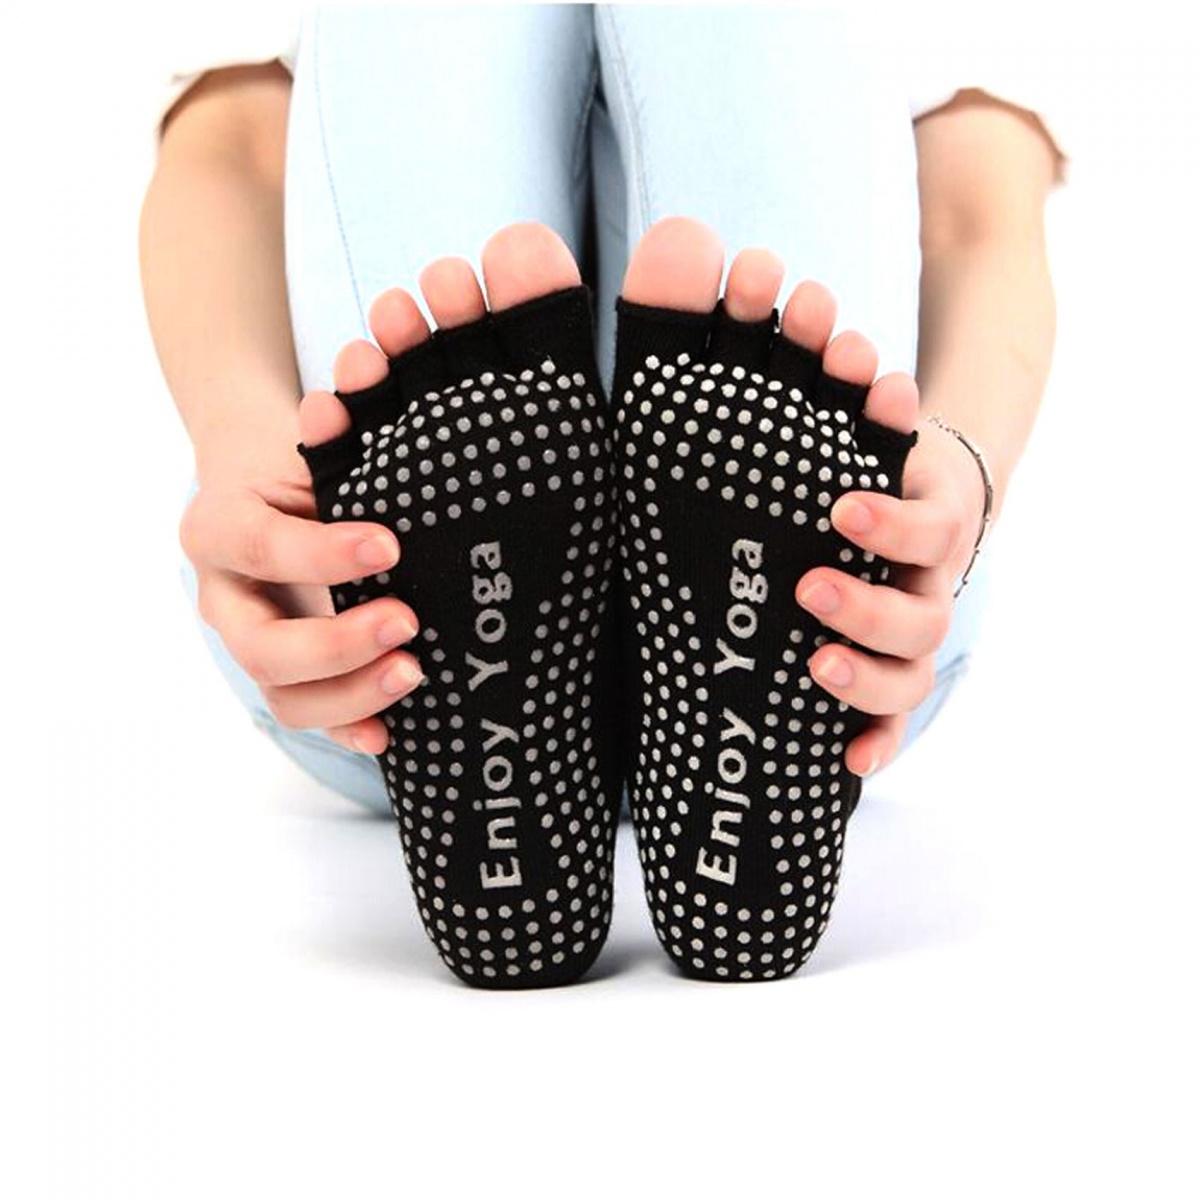 Enjoy Yoga Toeless Non Slip Socks - Black